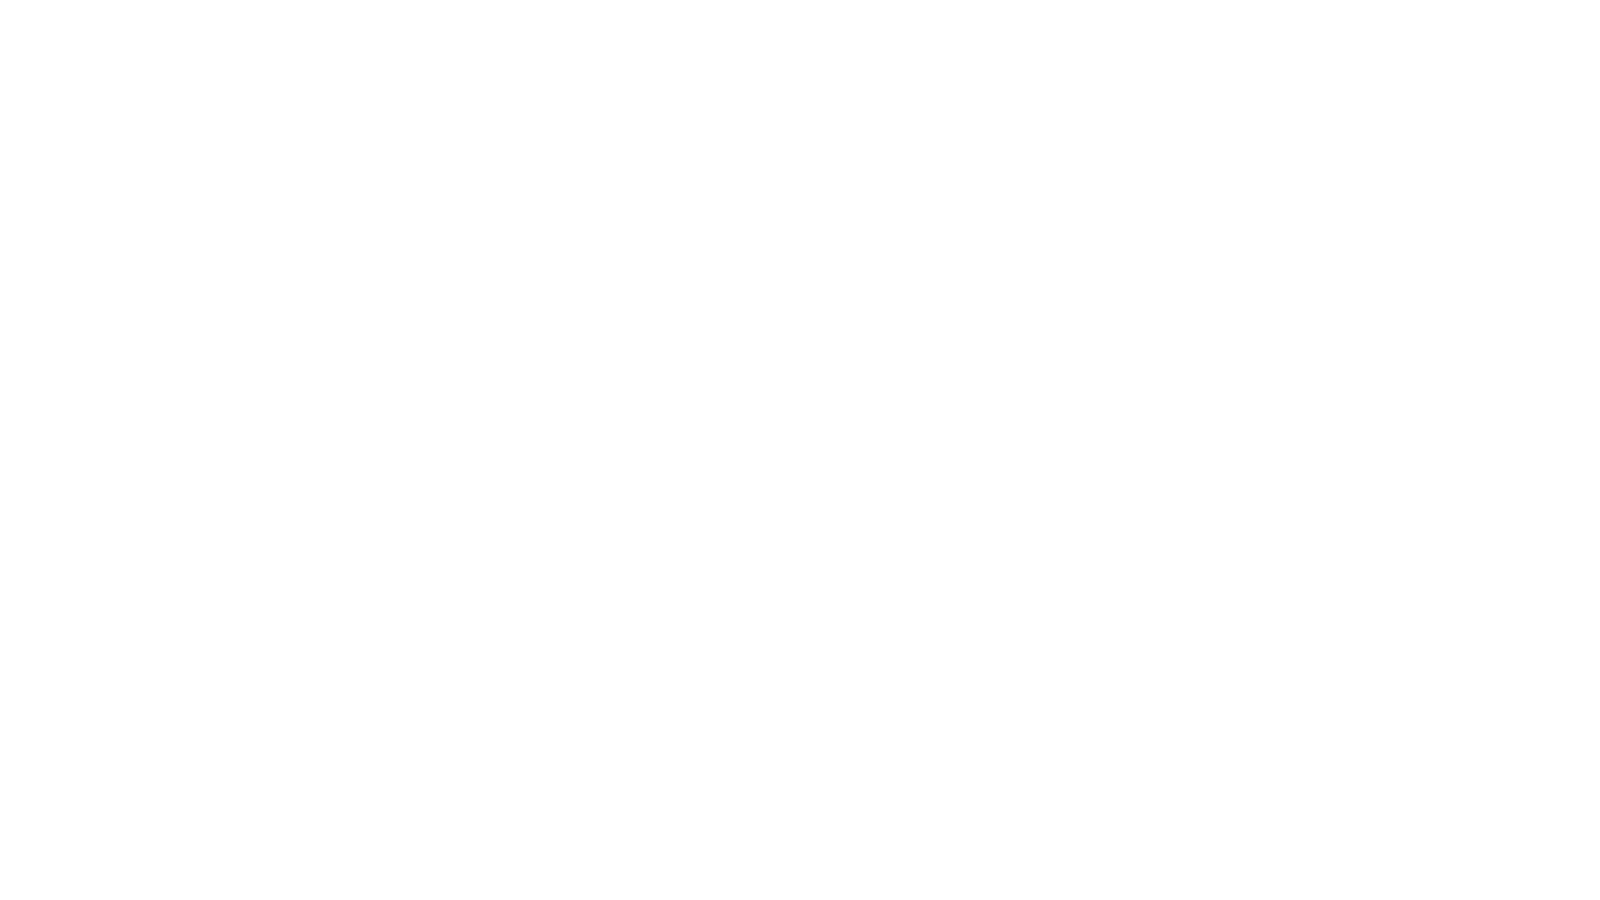 Letecký pohled na tvrz Tichou od příjezdové cesty ze severozápadu, 05/2021.  Hradní pán z trojmezí, PREMIÉRA: Sobota 29. 5. na ČT2 https://www.ceskatelevize.cz/porady/1097944695-nas-venkov/421235100041006-hradni-pan-z-trojmezi/